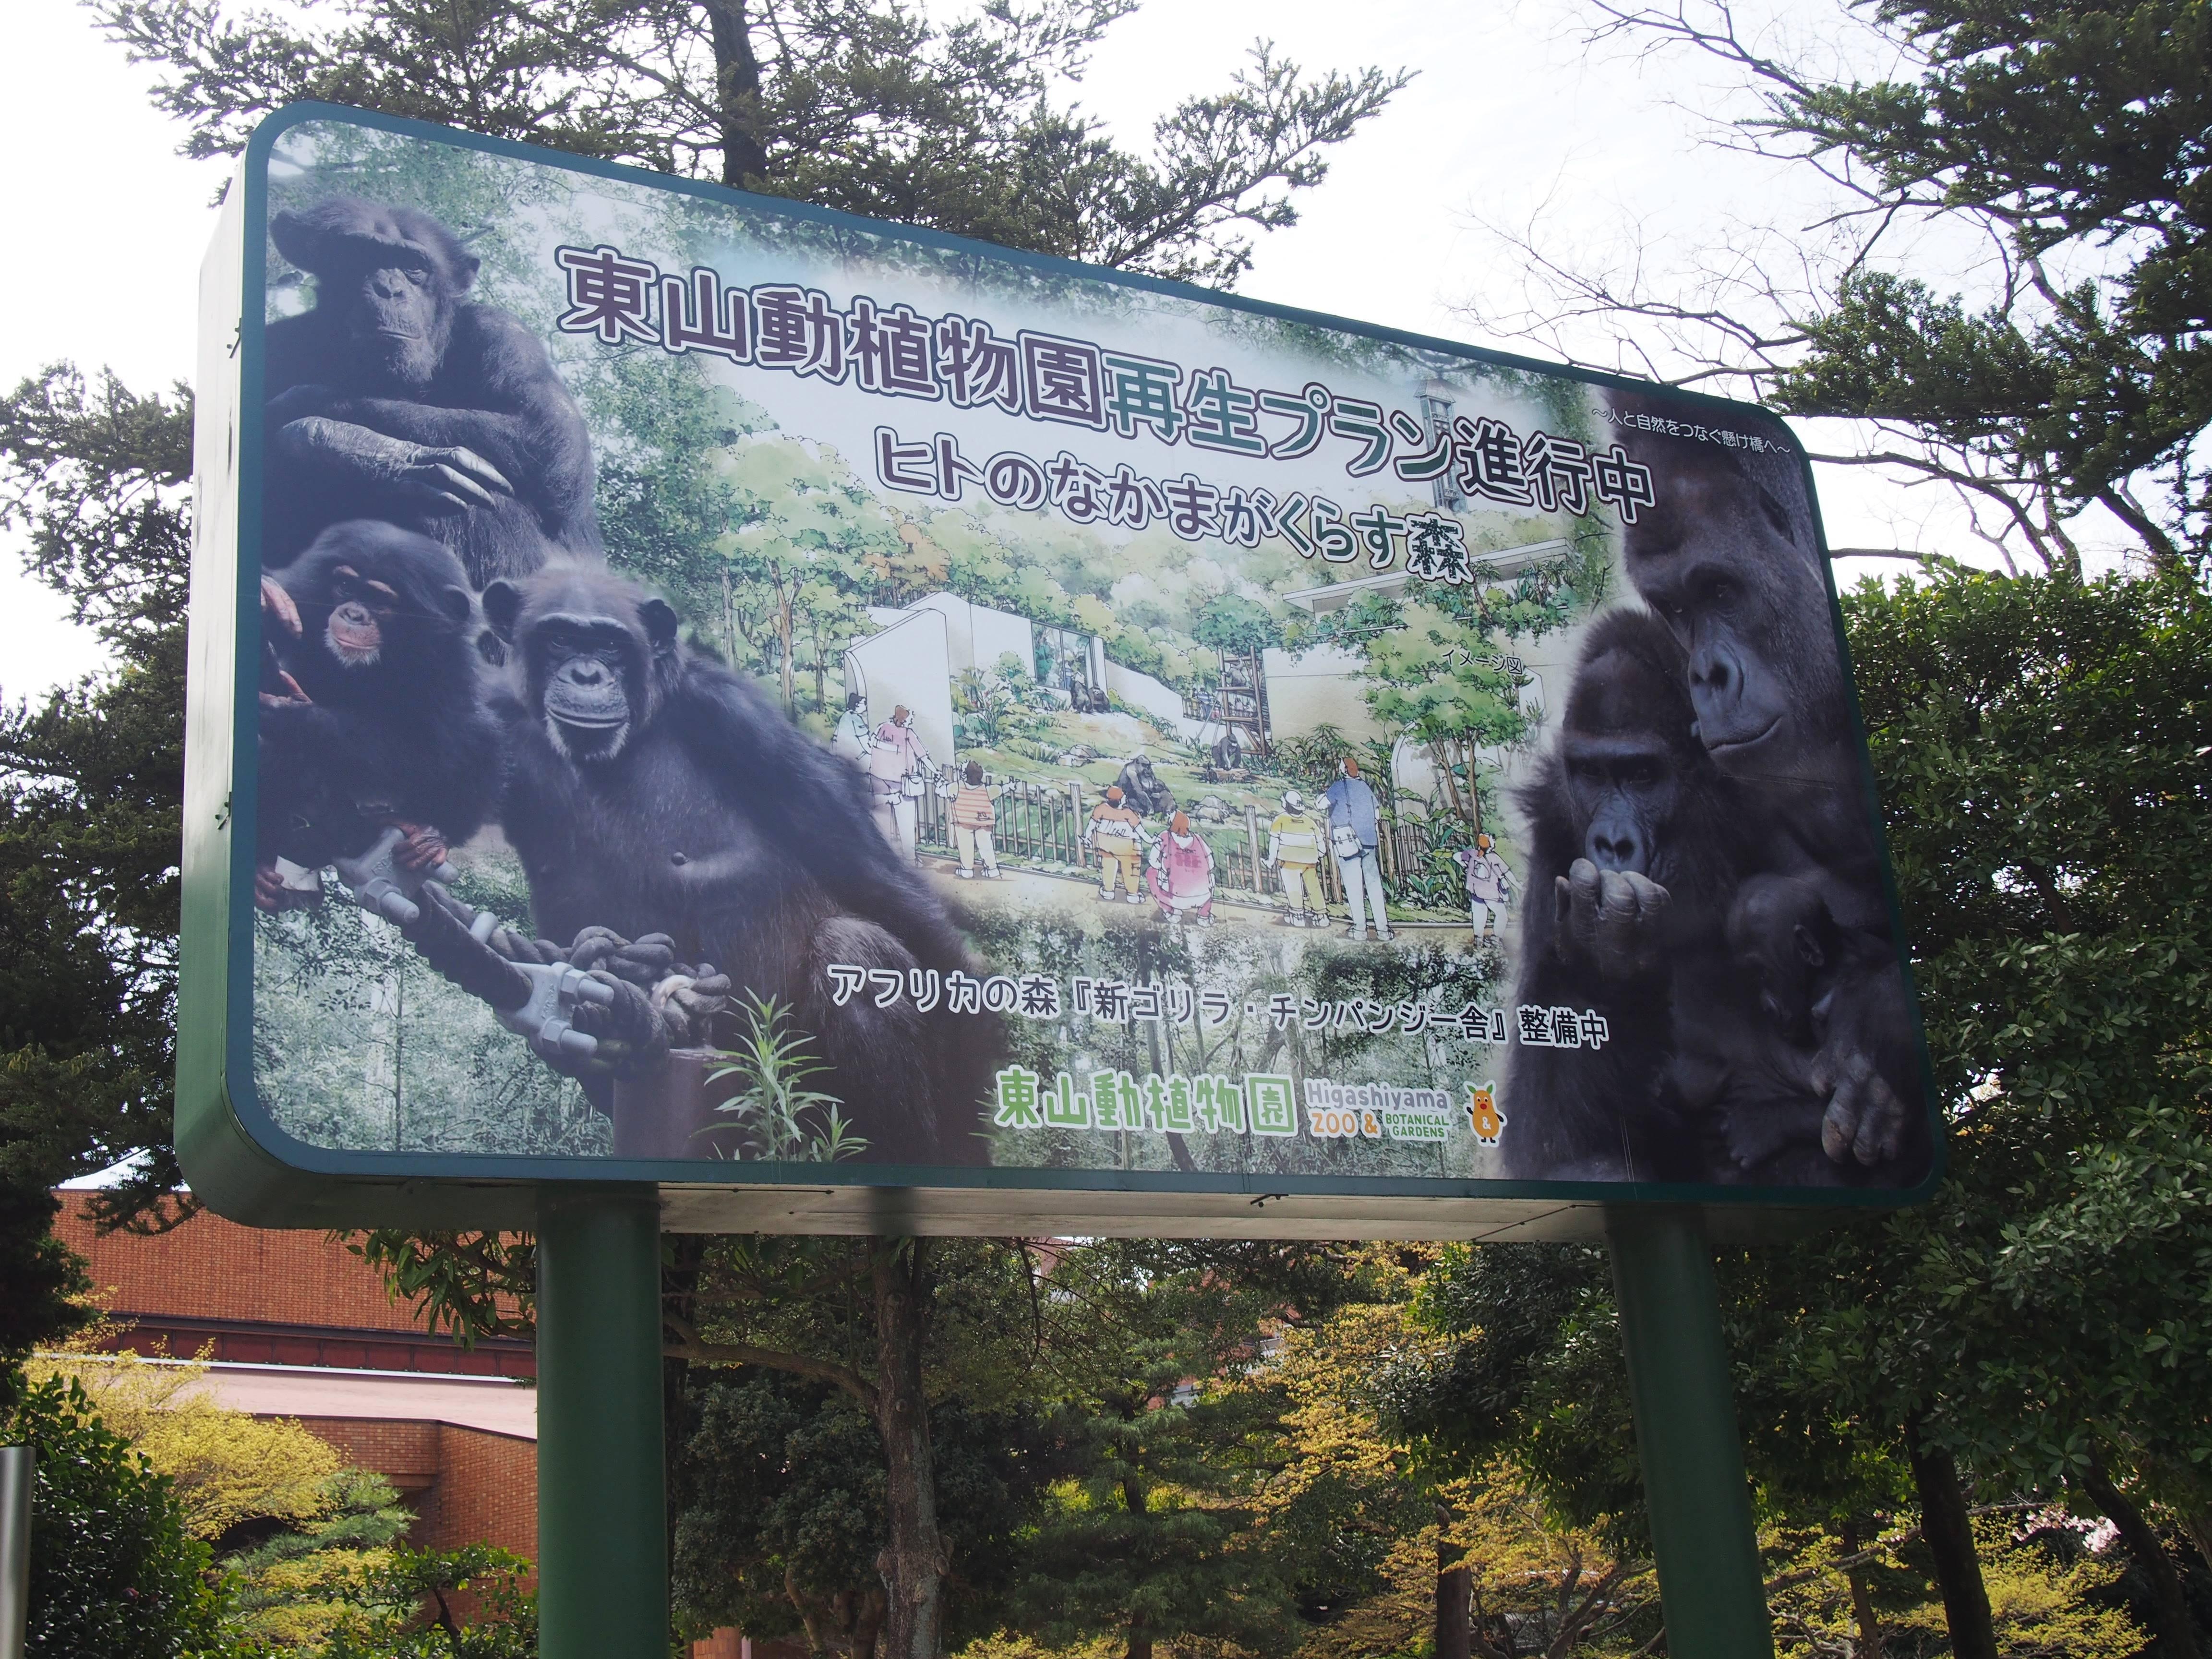 思い出をつなぐ。東山動植物園・80周年記念イベントの見どころを徹底解剖! - P4121772